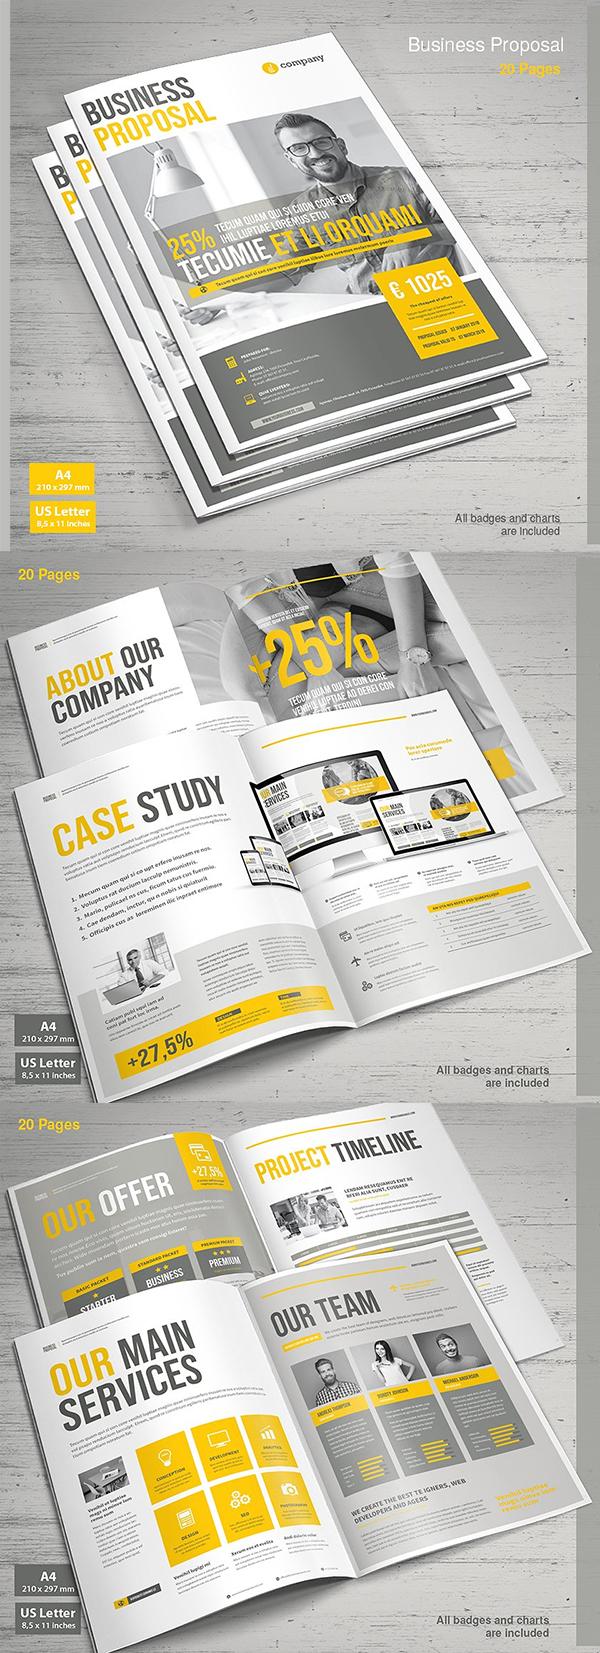 Diseño de mockups de propuesta de negocio profesional - 15